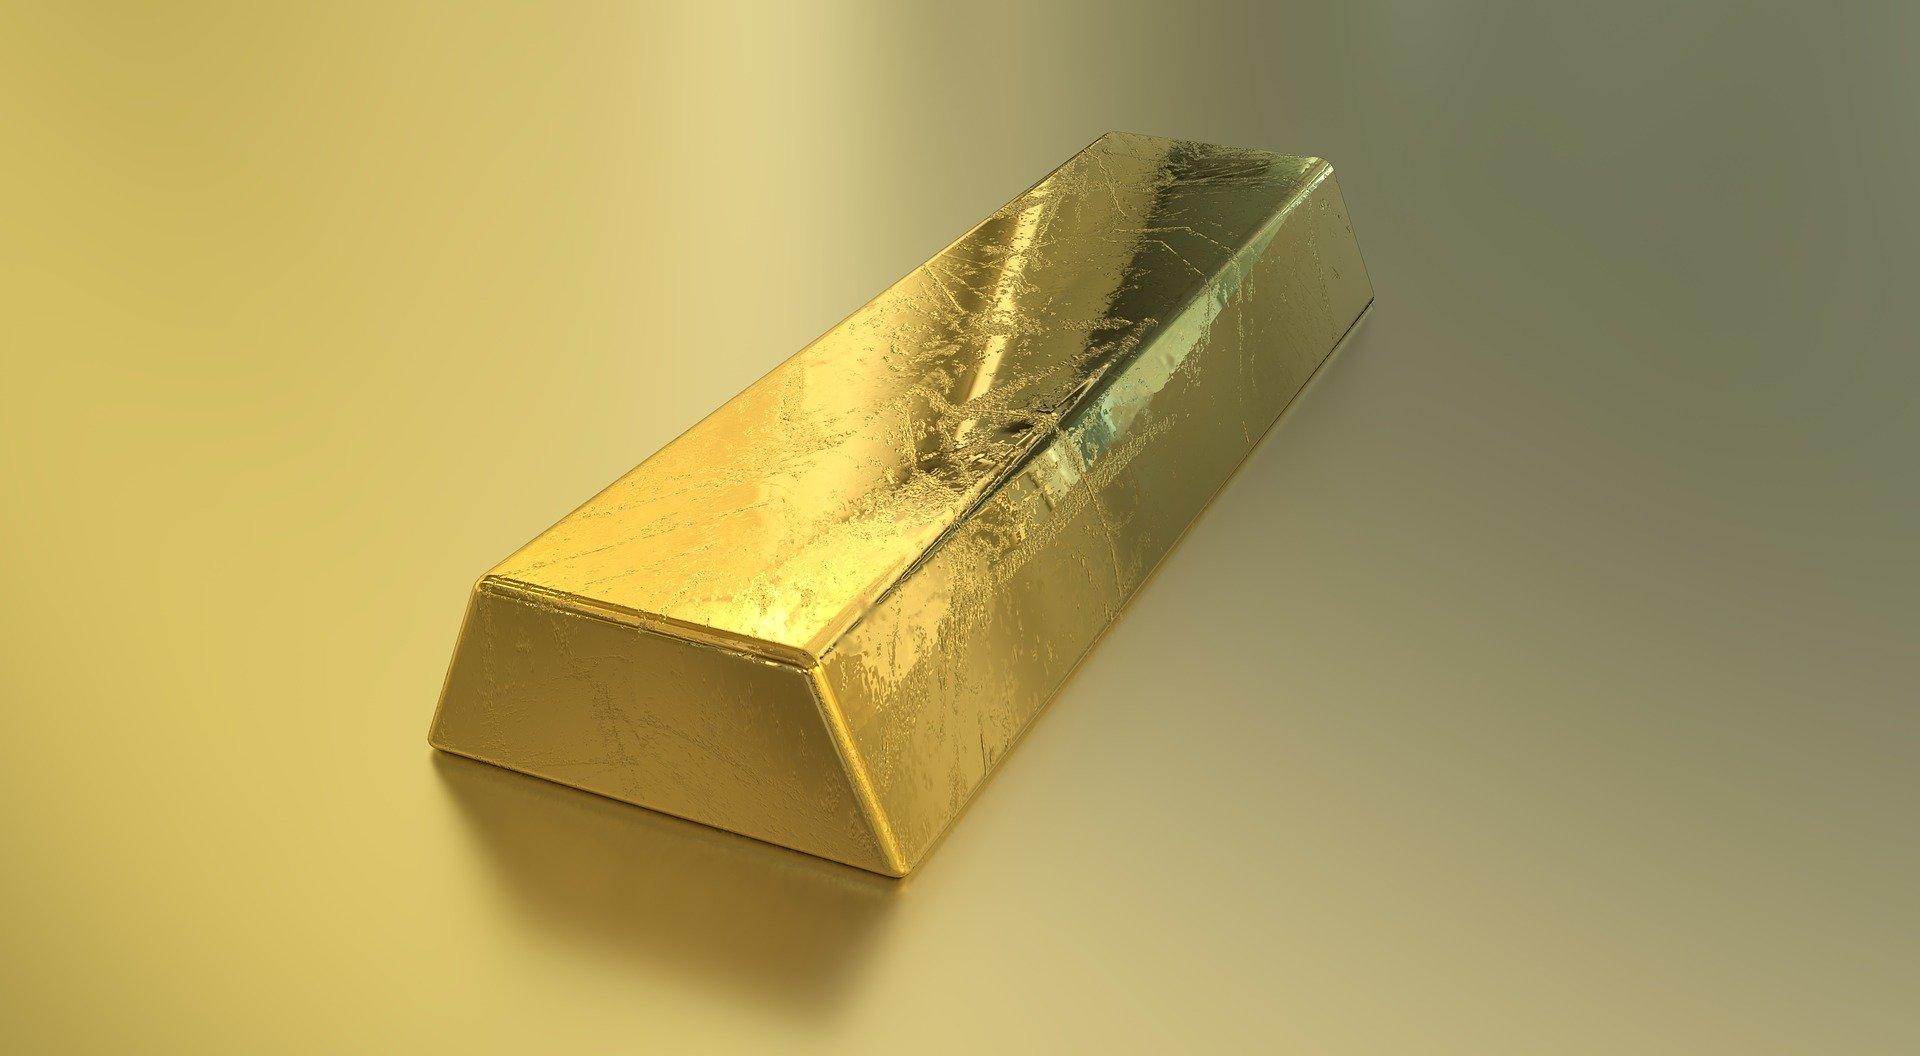 Le prix de l'or dépasse 2.000 dollars l'once pour la première fois